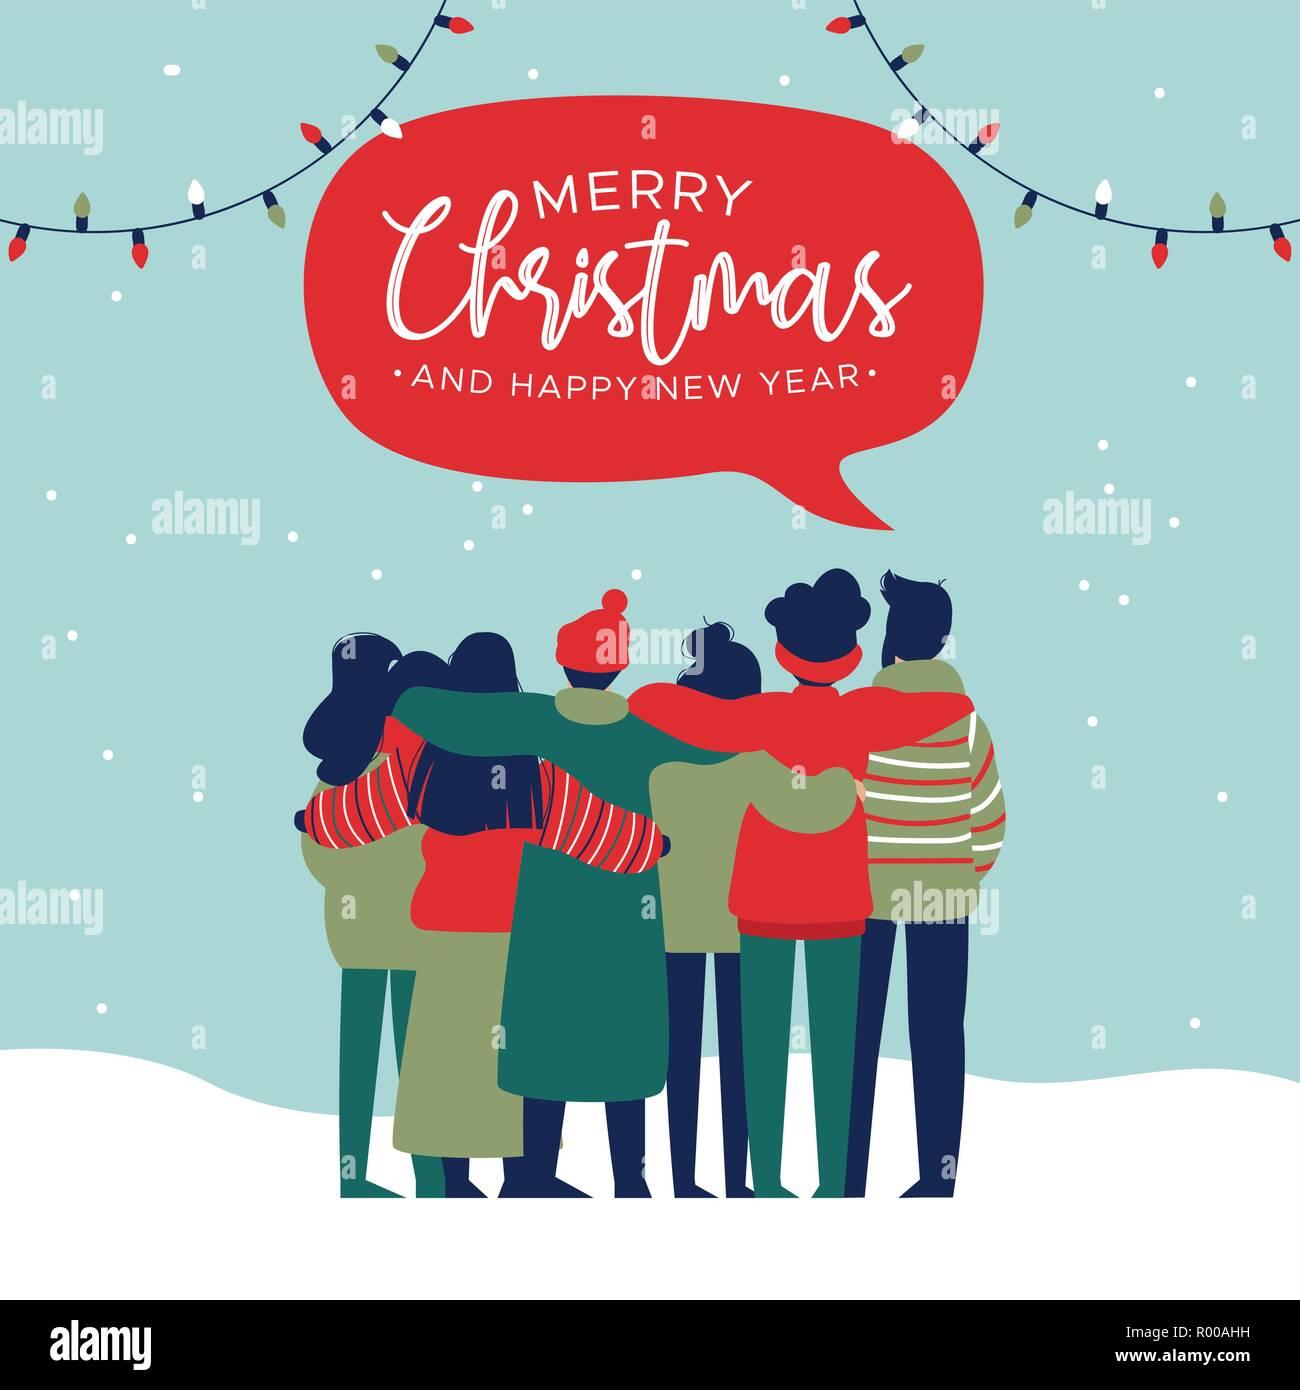 Frohe Weihnachten An Freunde.Frohe Weihnachten Und Guten Rutsch Ins Neue Jahr Grußkarte Abbildung